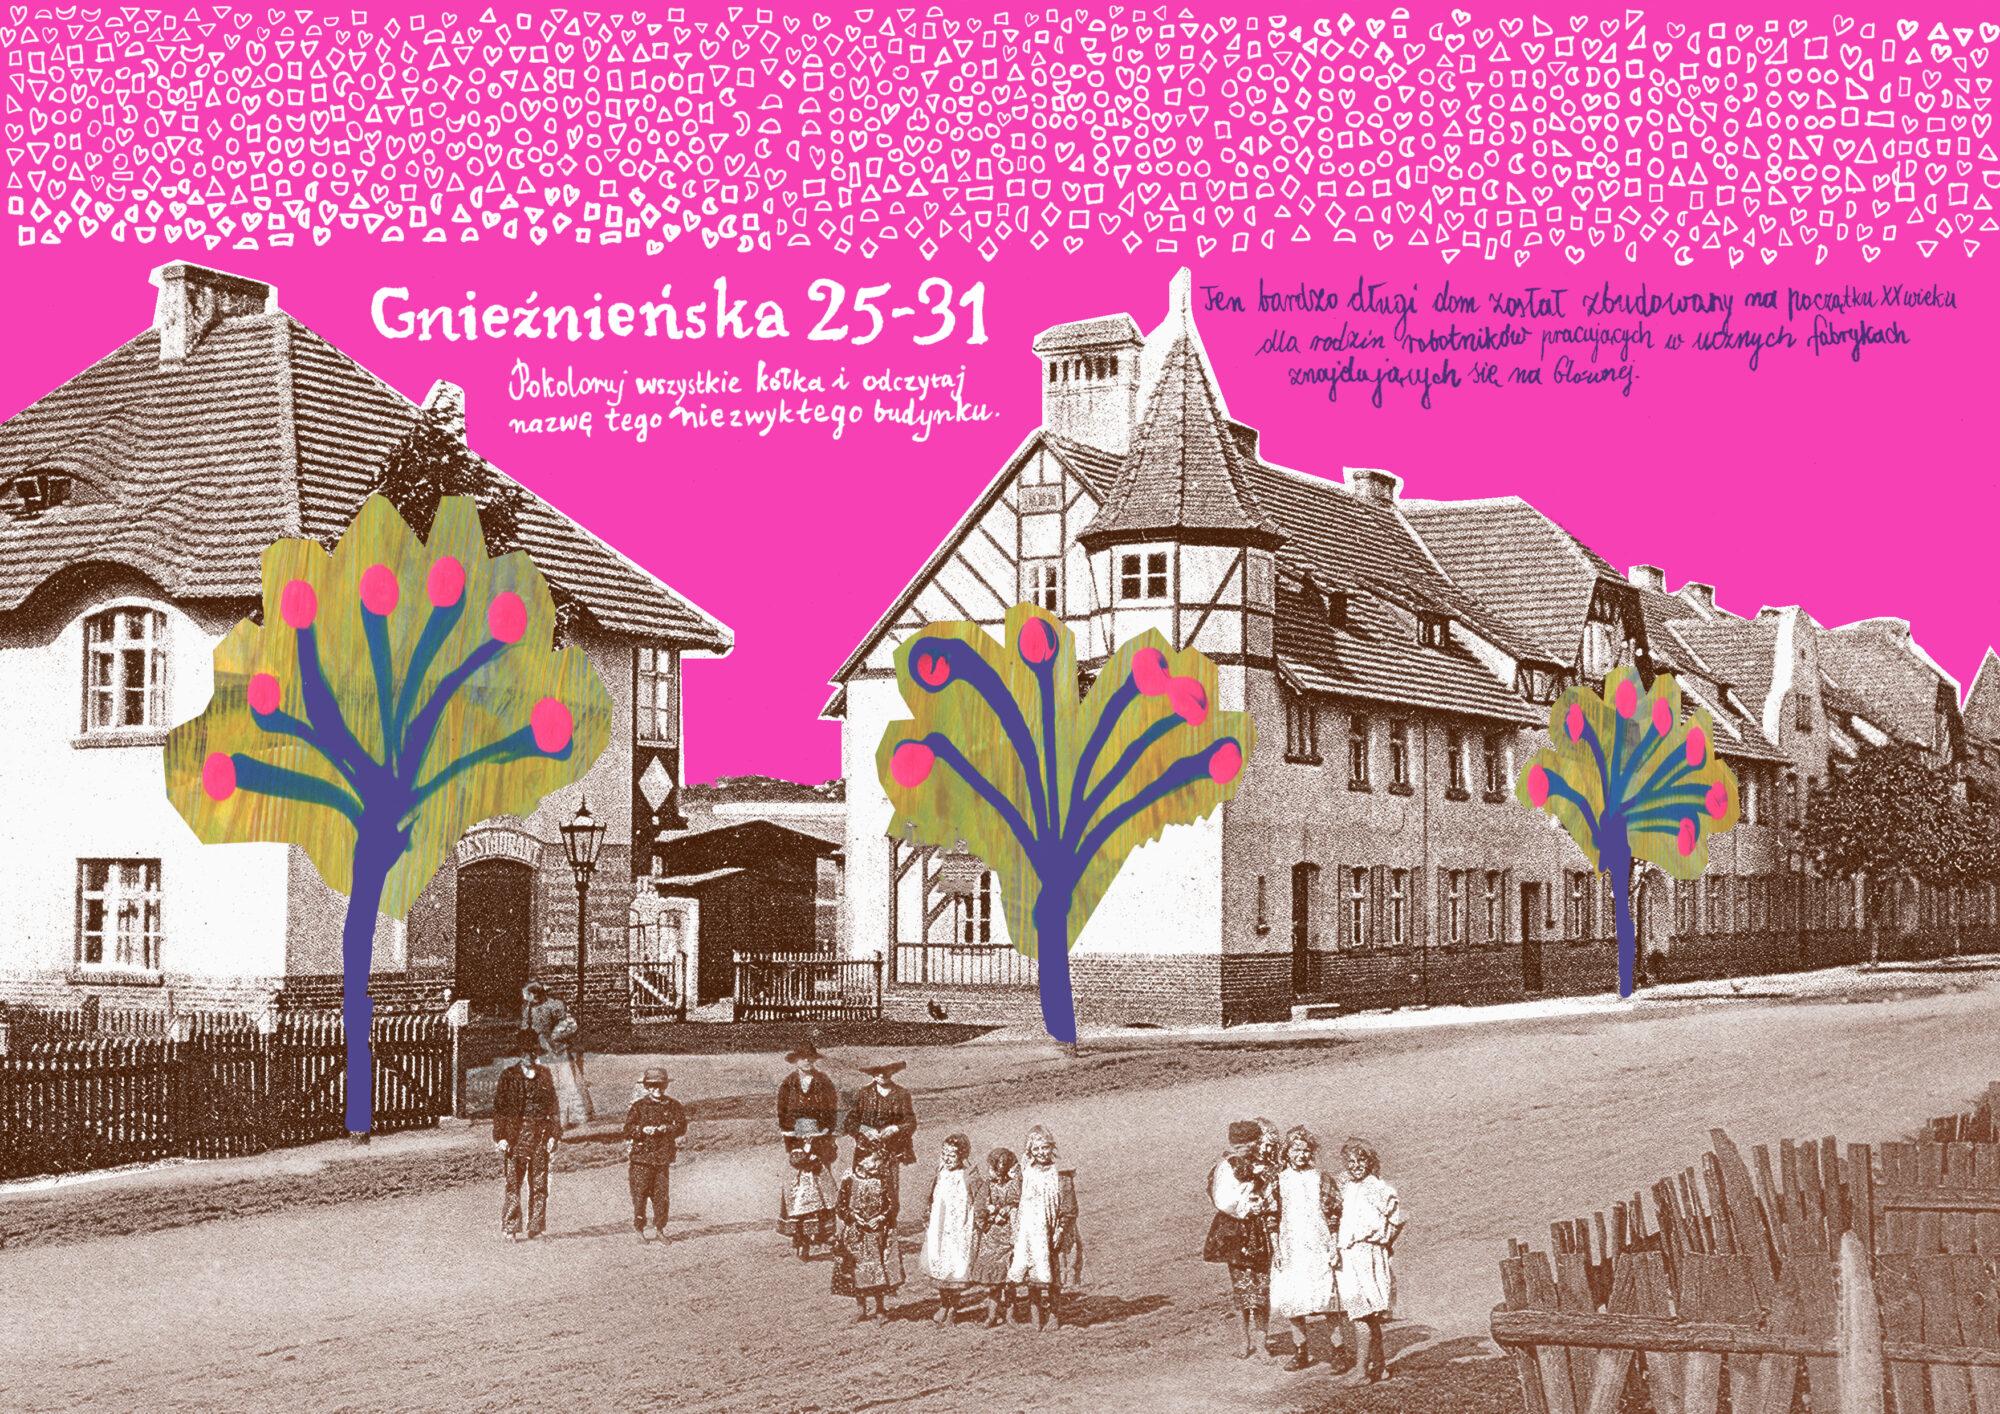 kolorowanka mazanka o budynku przy Gnieźnieńskiej 25-31 na Głównej autorka Anna Kaźmierak